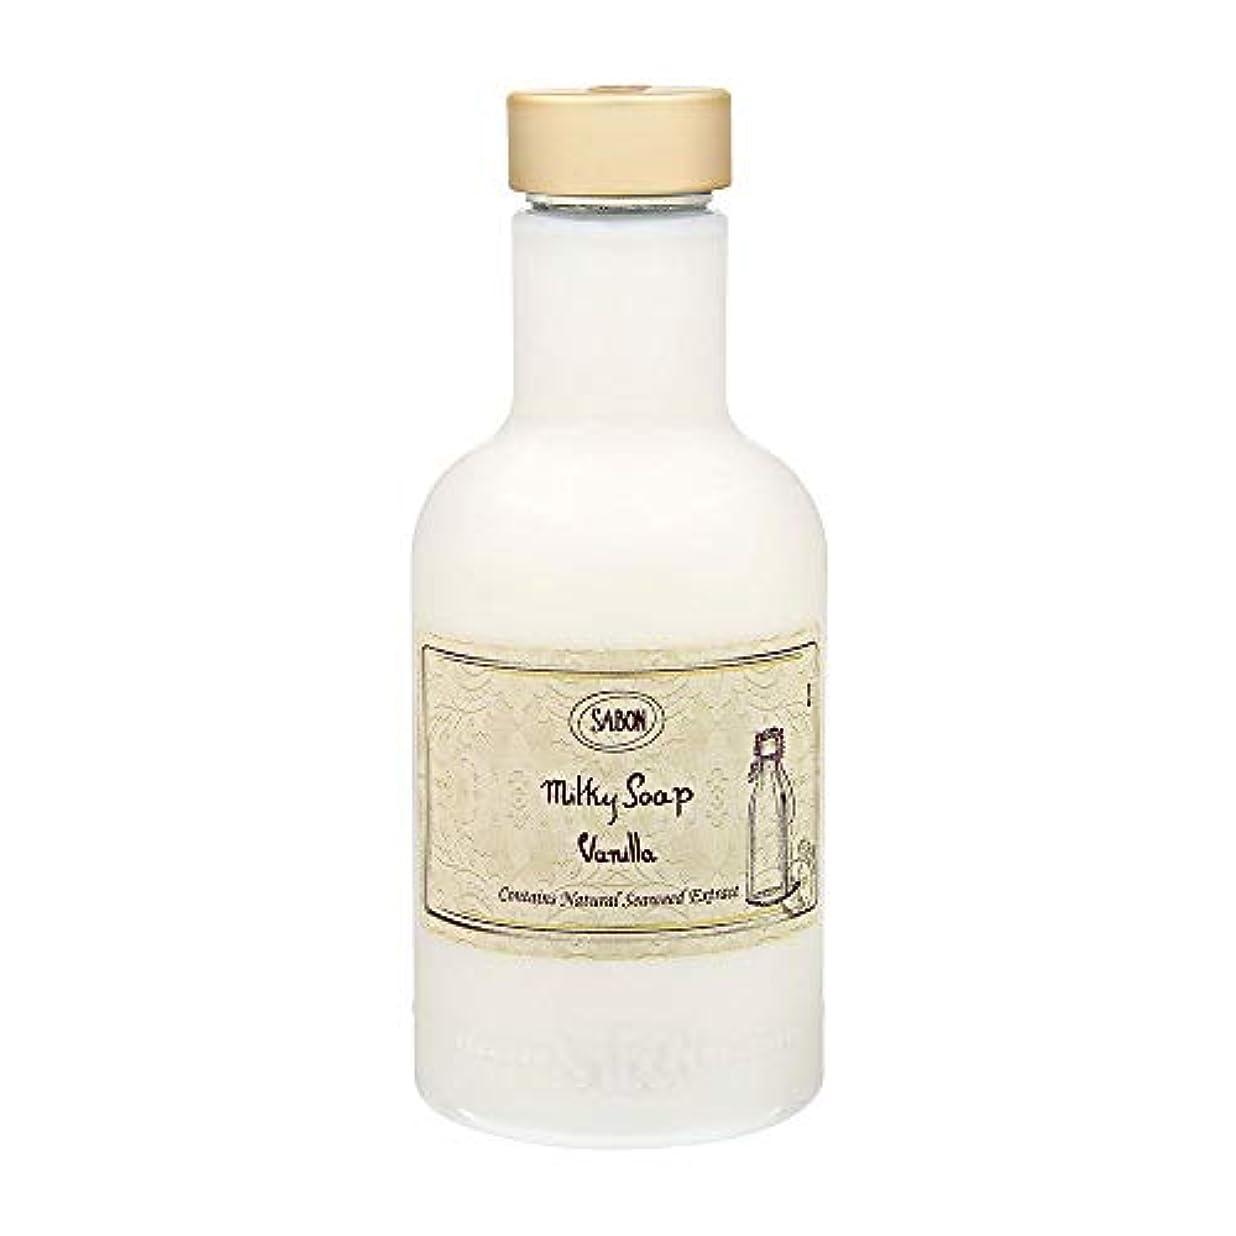 トライアスリート名誉あるお風呂を持っているサボン(SABON) ミルキーソープ バニラ [並行輸入品]